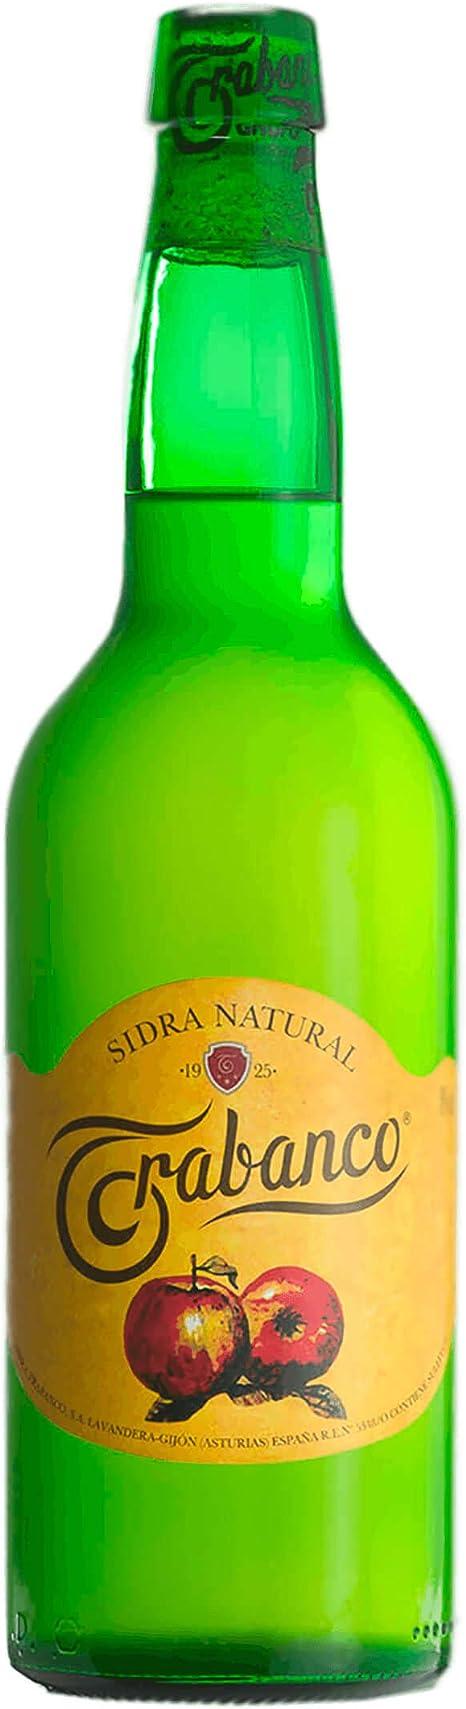 Trabanco Sidra Natural. Caja de 6 Botellas de 70 cl